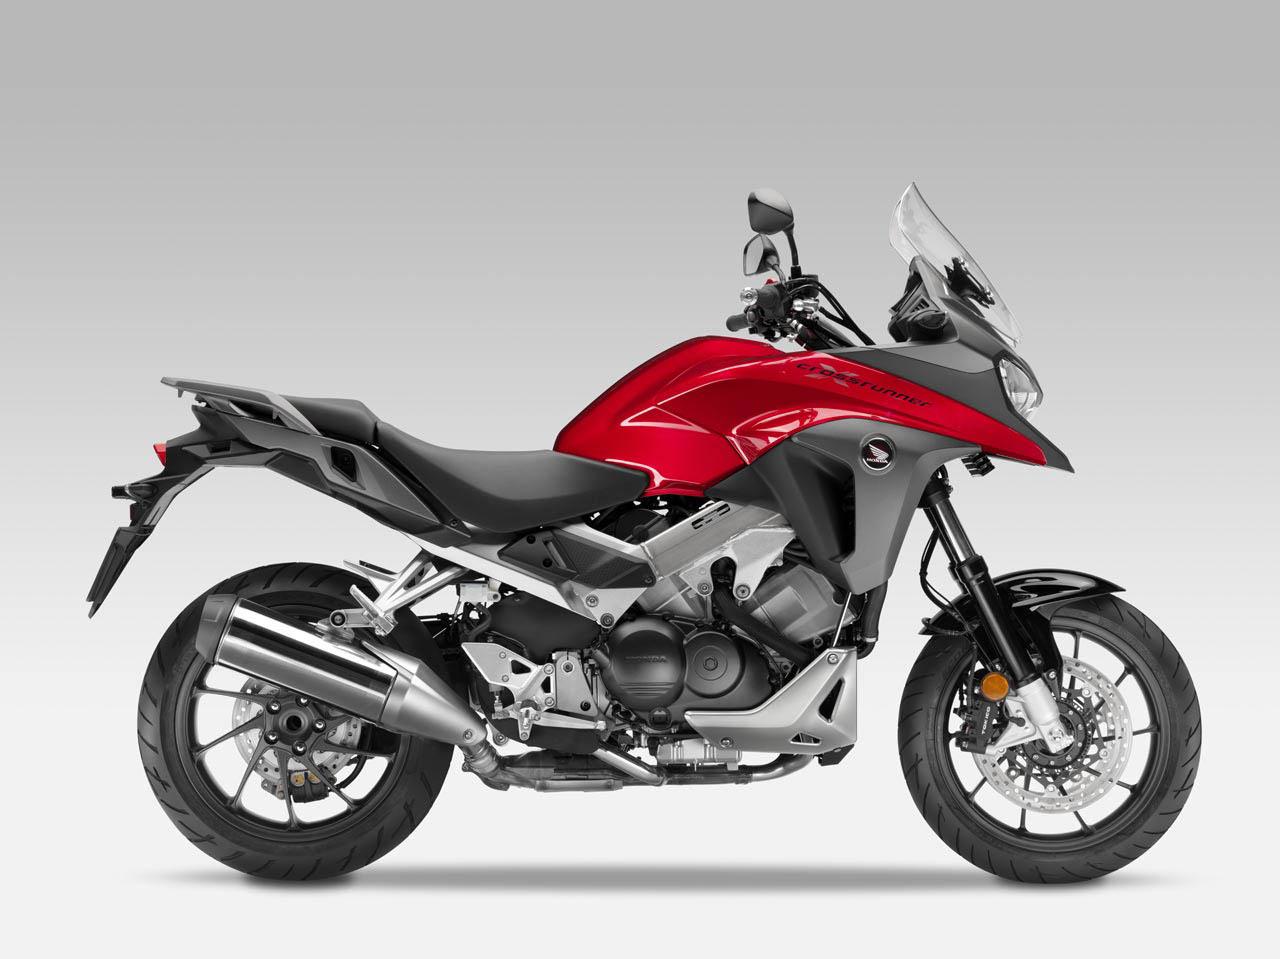 Honda-Crossrunner-2015